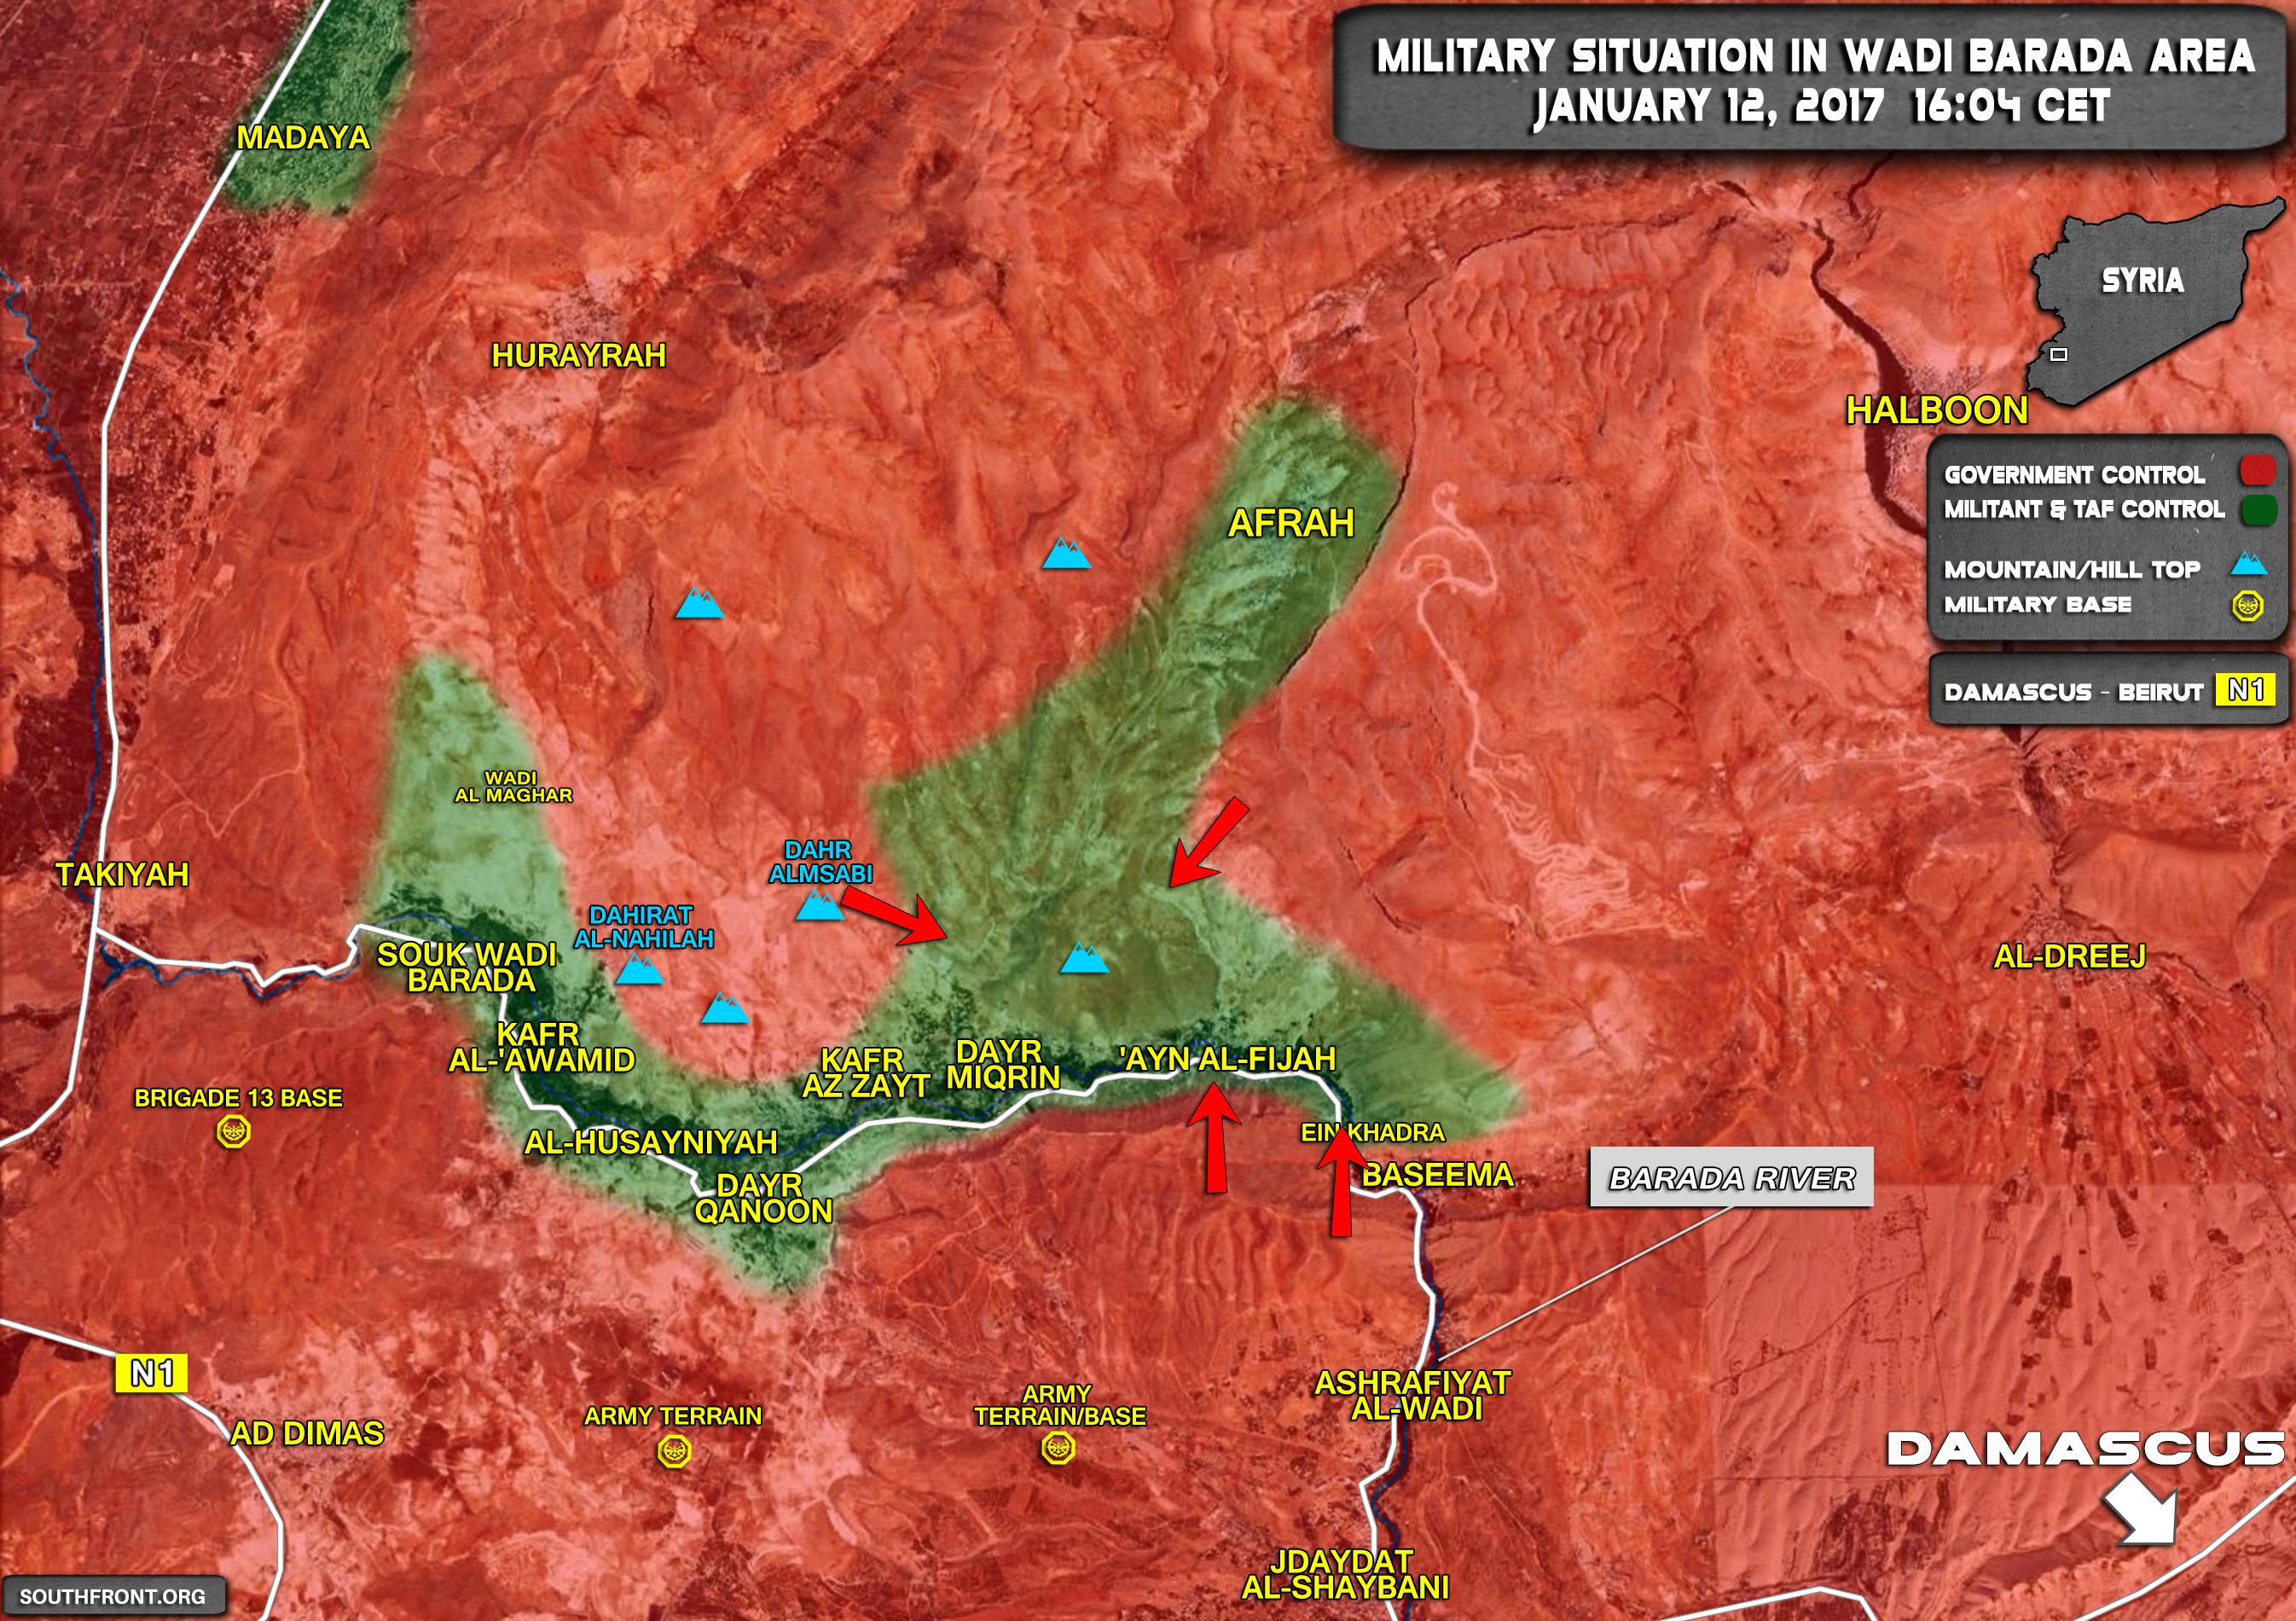 [BIZTPOL] Szíria és Irak - 3. - Page 2 12jan16-04_Wadi_Barada_Area_Syria_War_Map